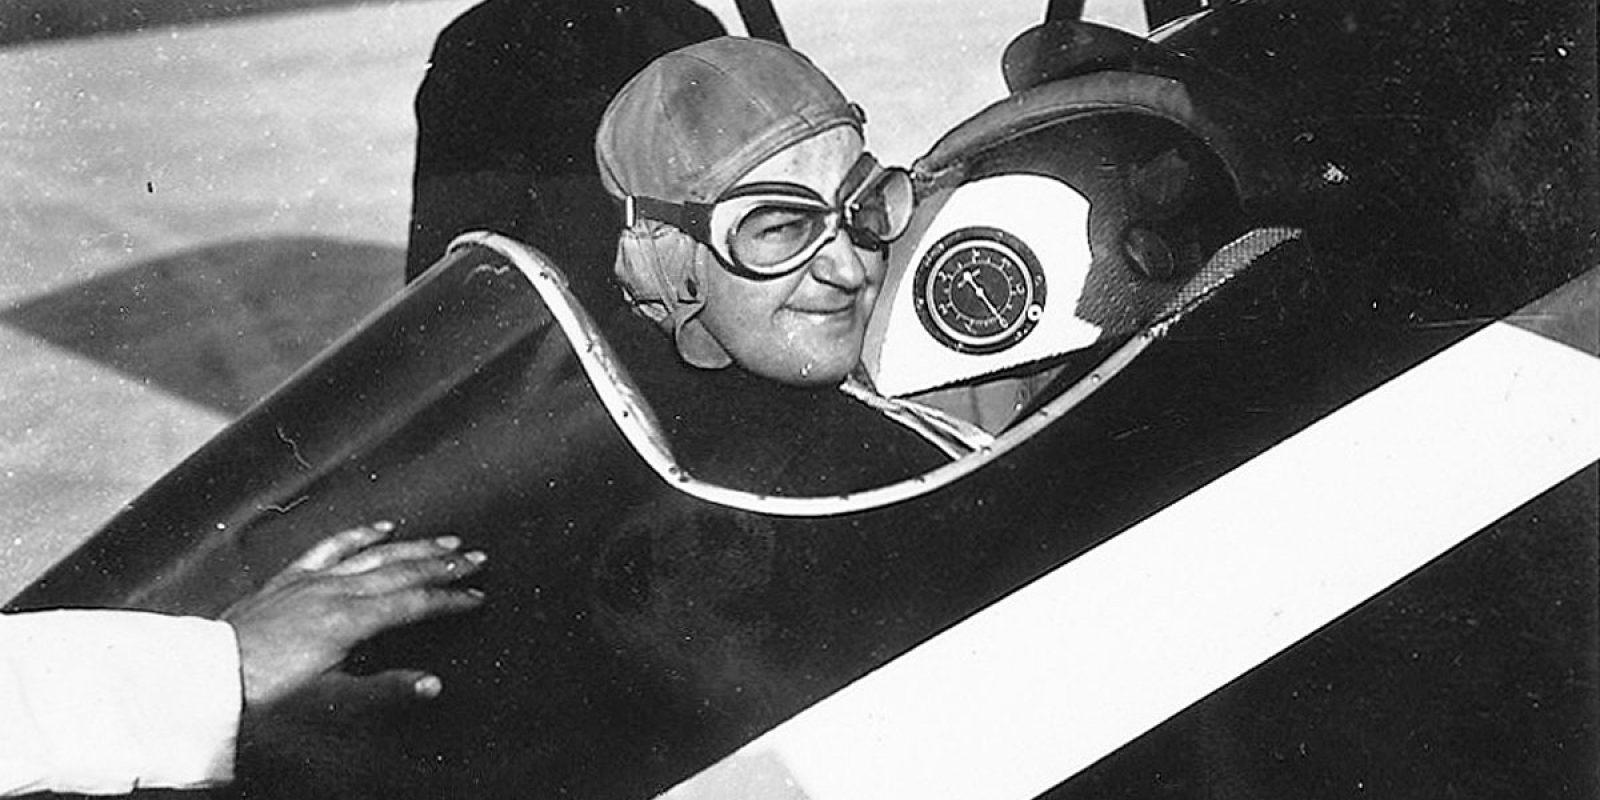 Louis straalt in de cockpit. (Archief familie Enthoven)